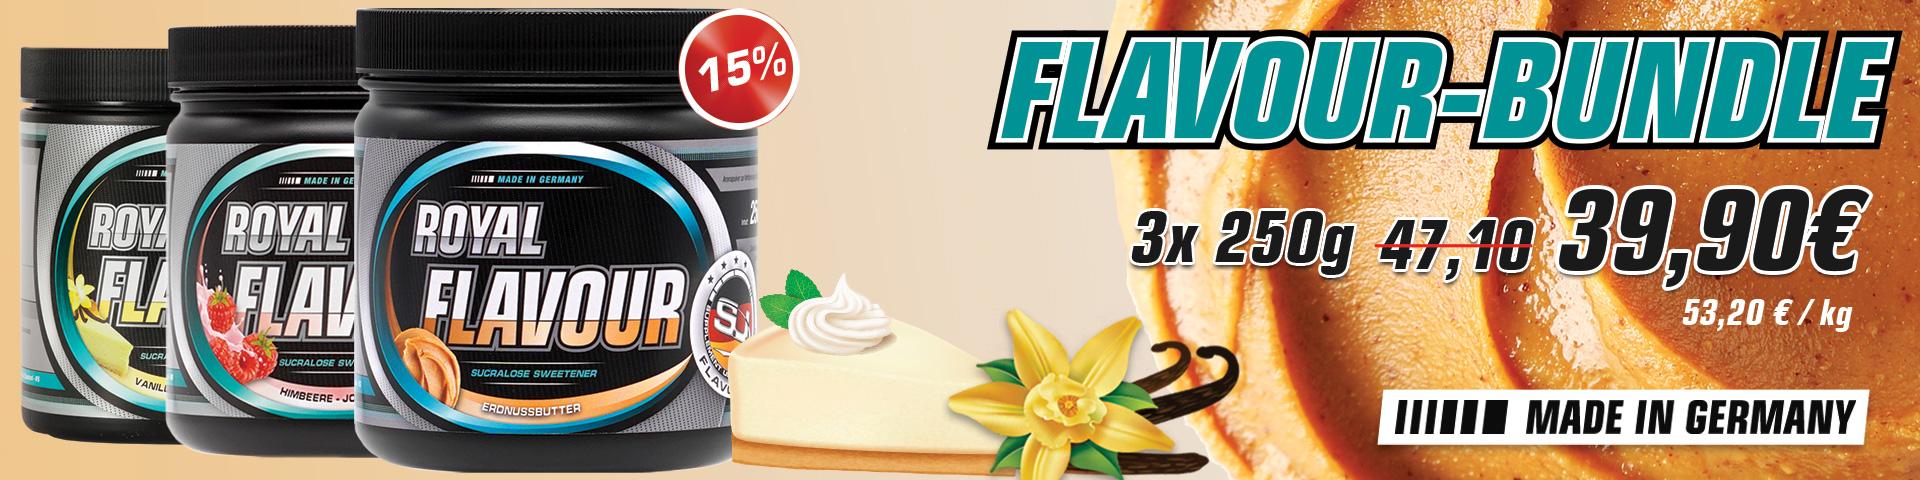 flavour-bundle-september.jpg